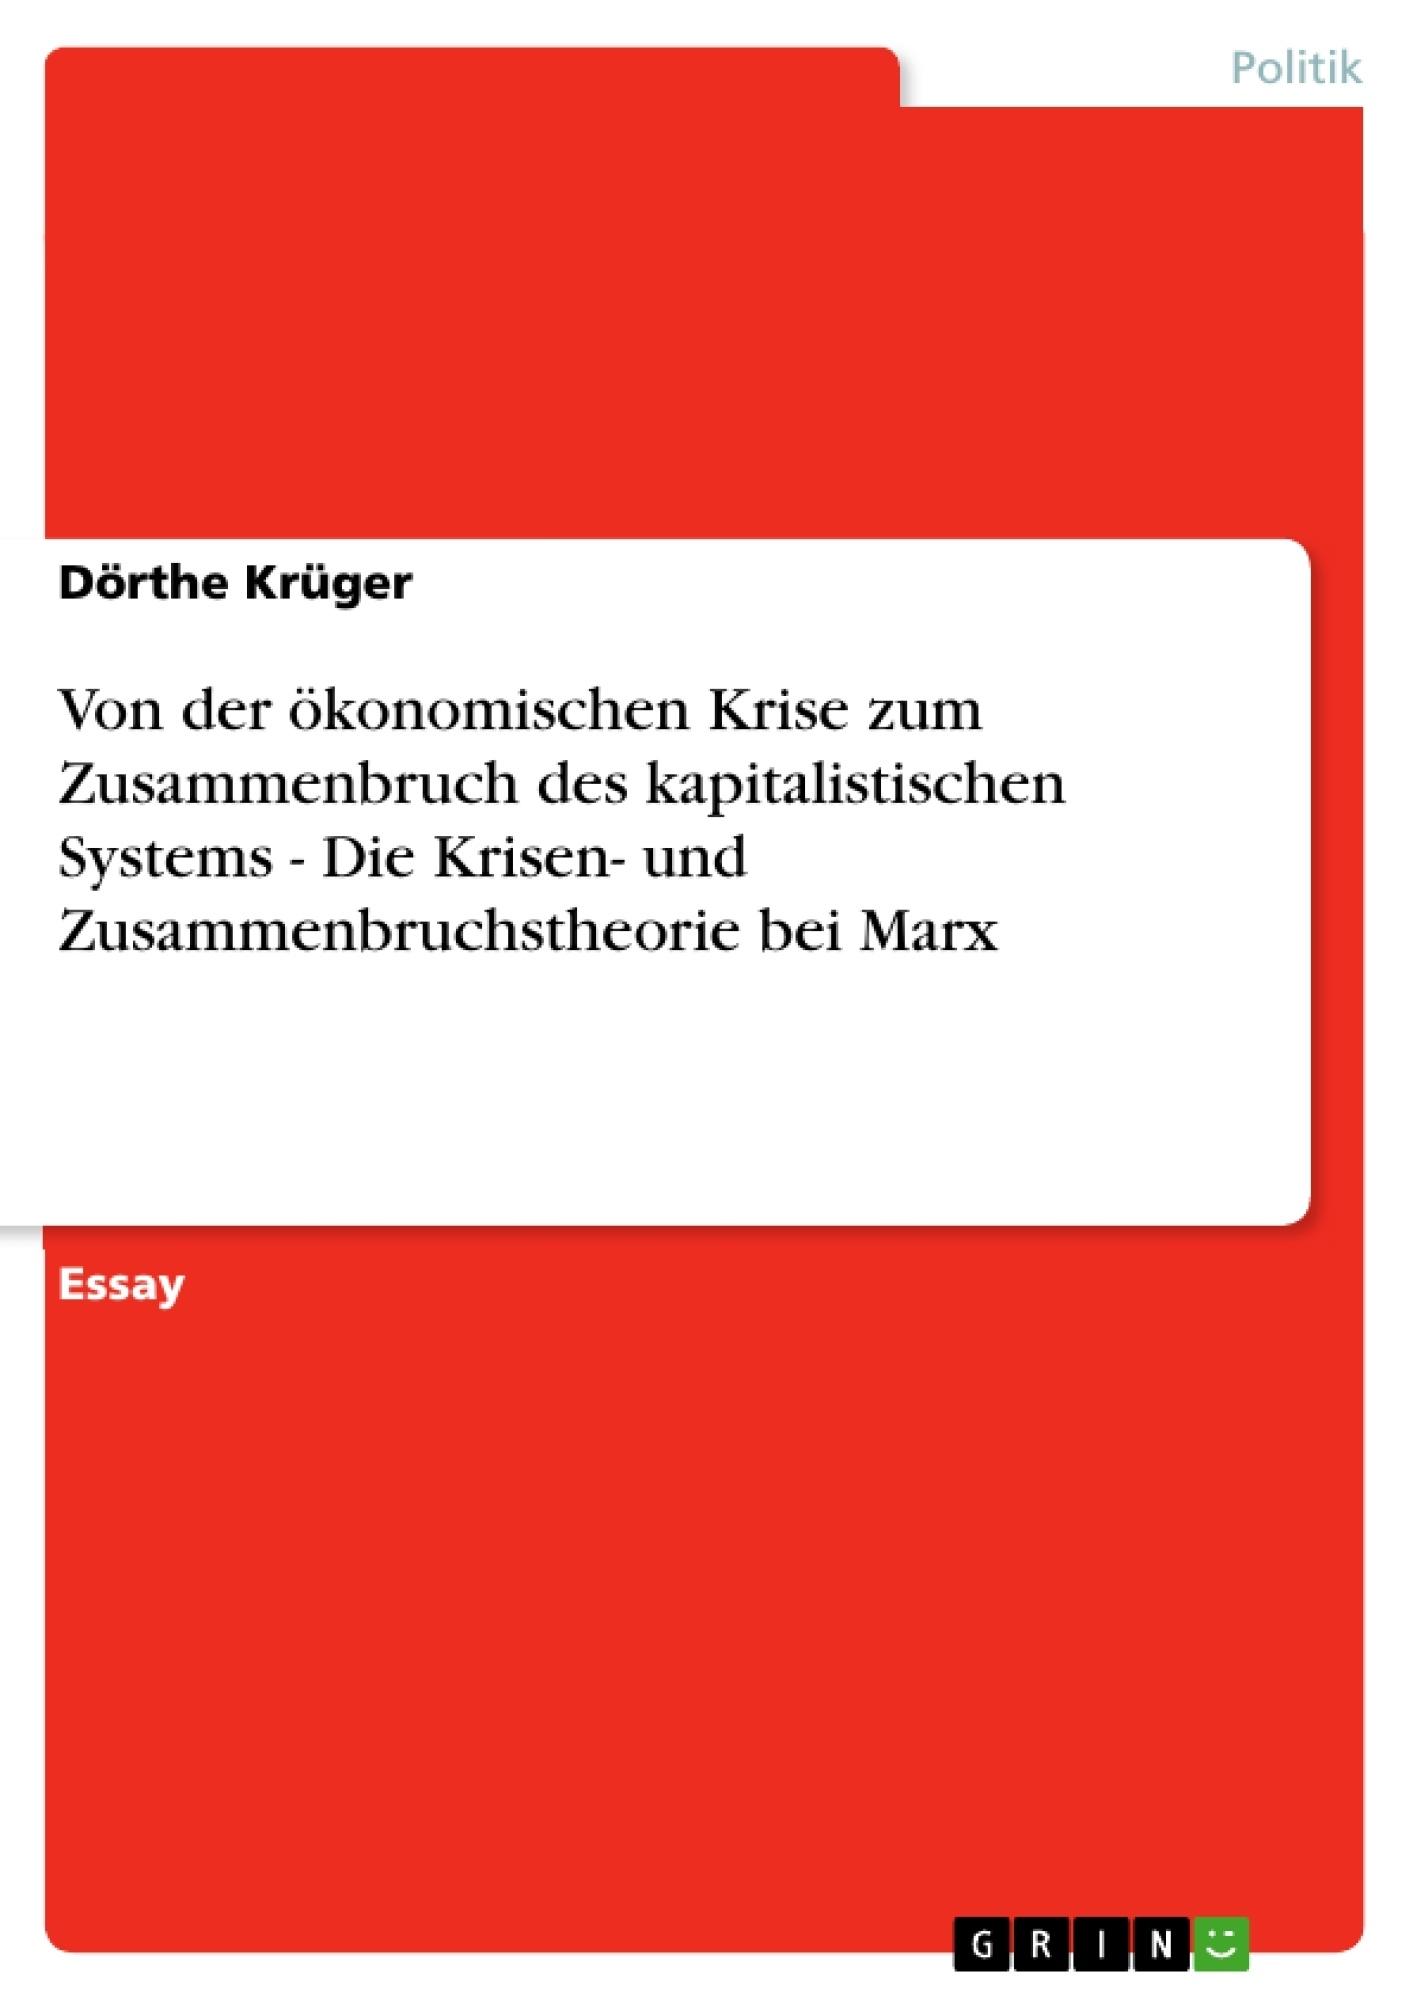 Titel: Von der ökonomischen Krise zum Zusammenbruch des kapitalistischen Systems - Die Krisen- und Zusammenbruchstheorie bei Marx